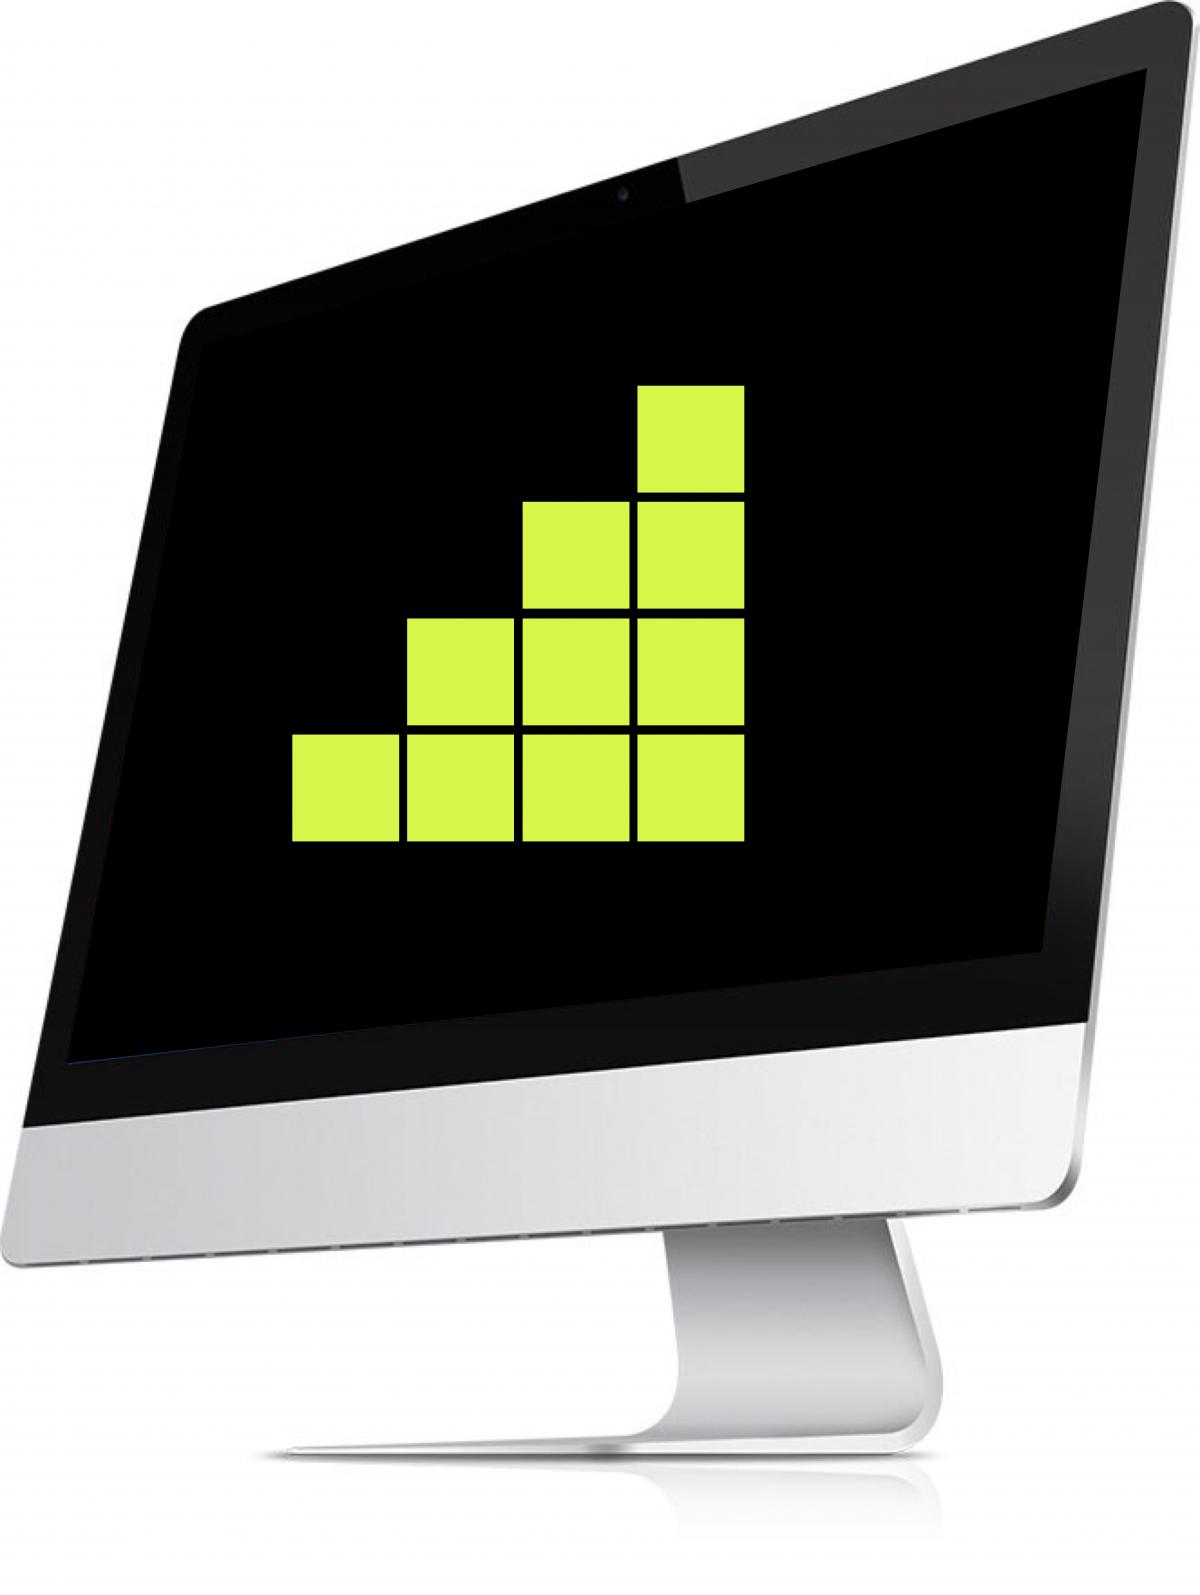 Bild von MacBook